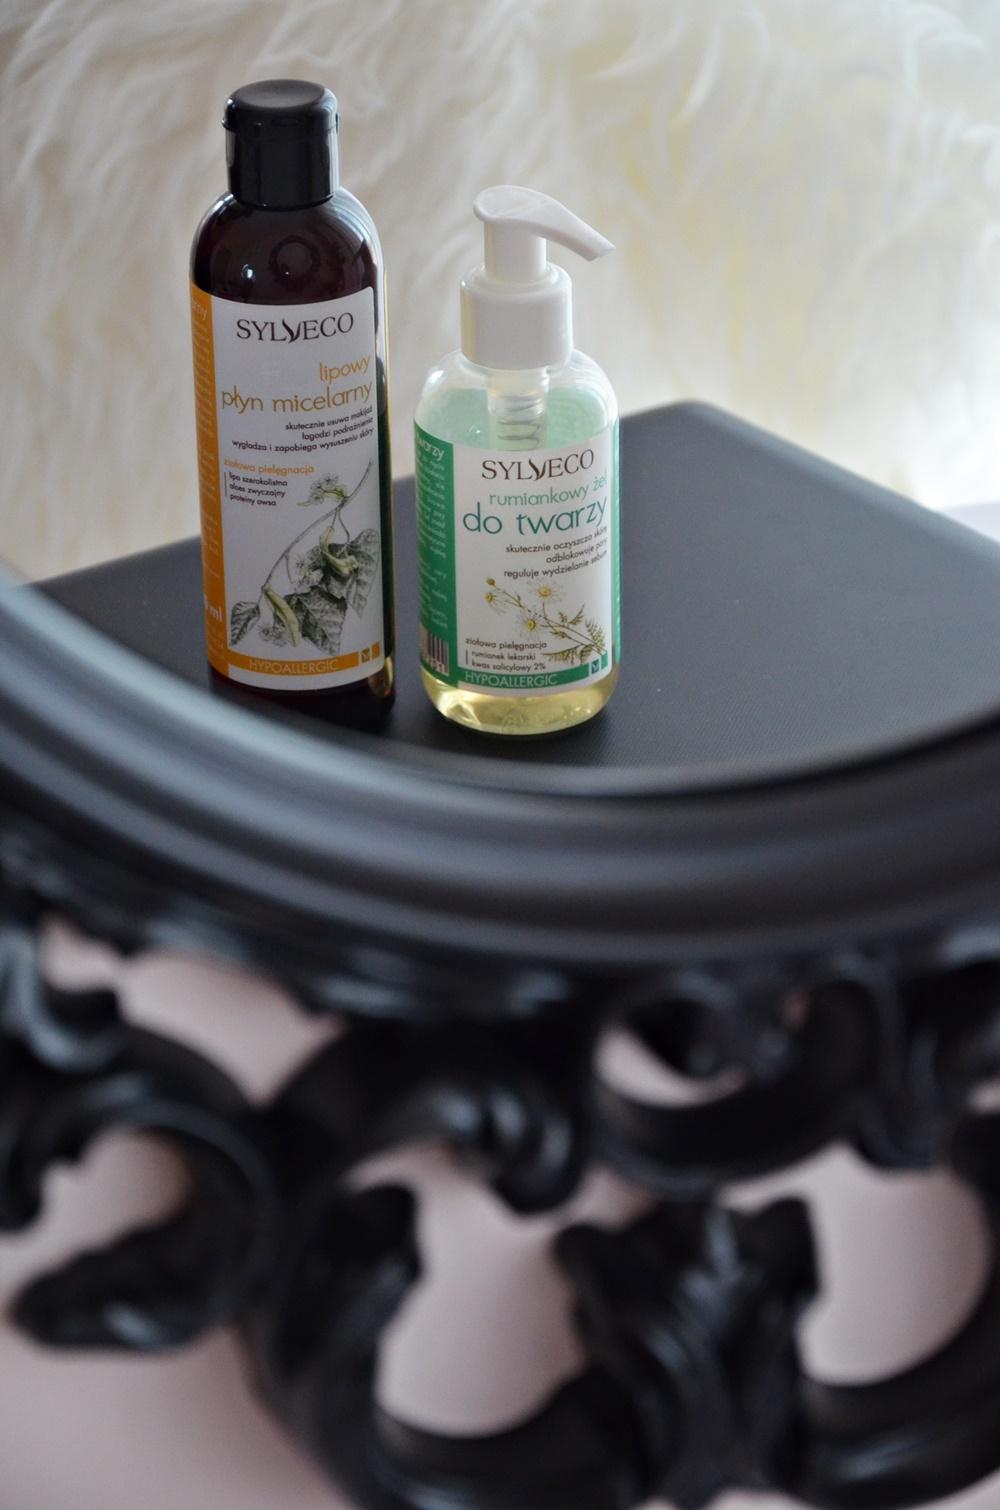 sylveco, zel rumiankowy lipowy plyn micelarny